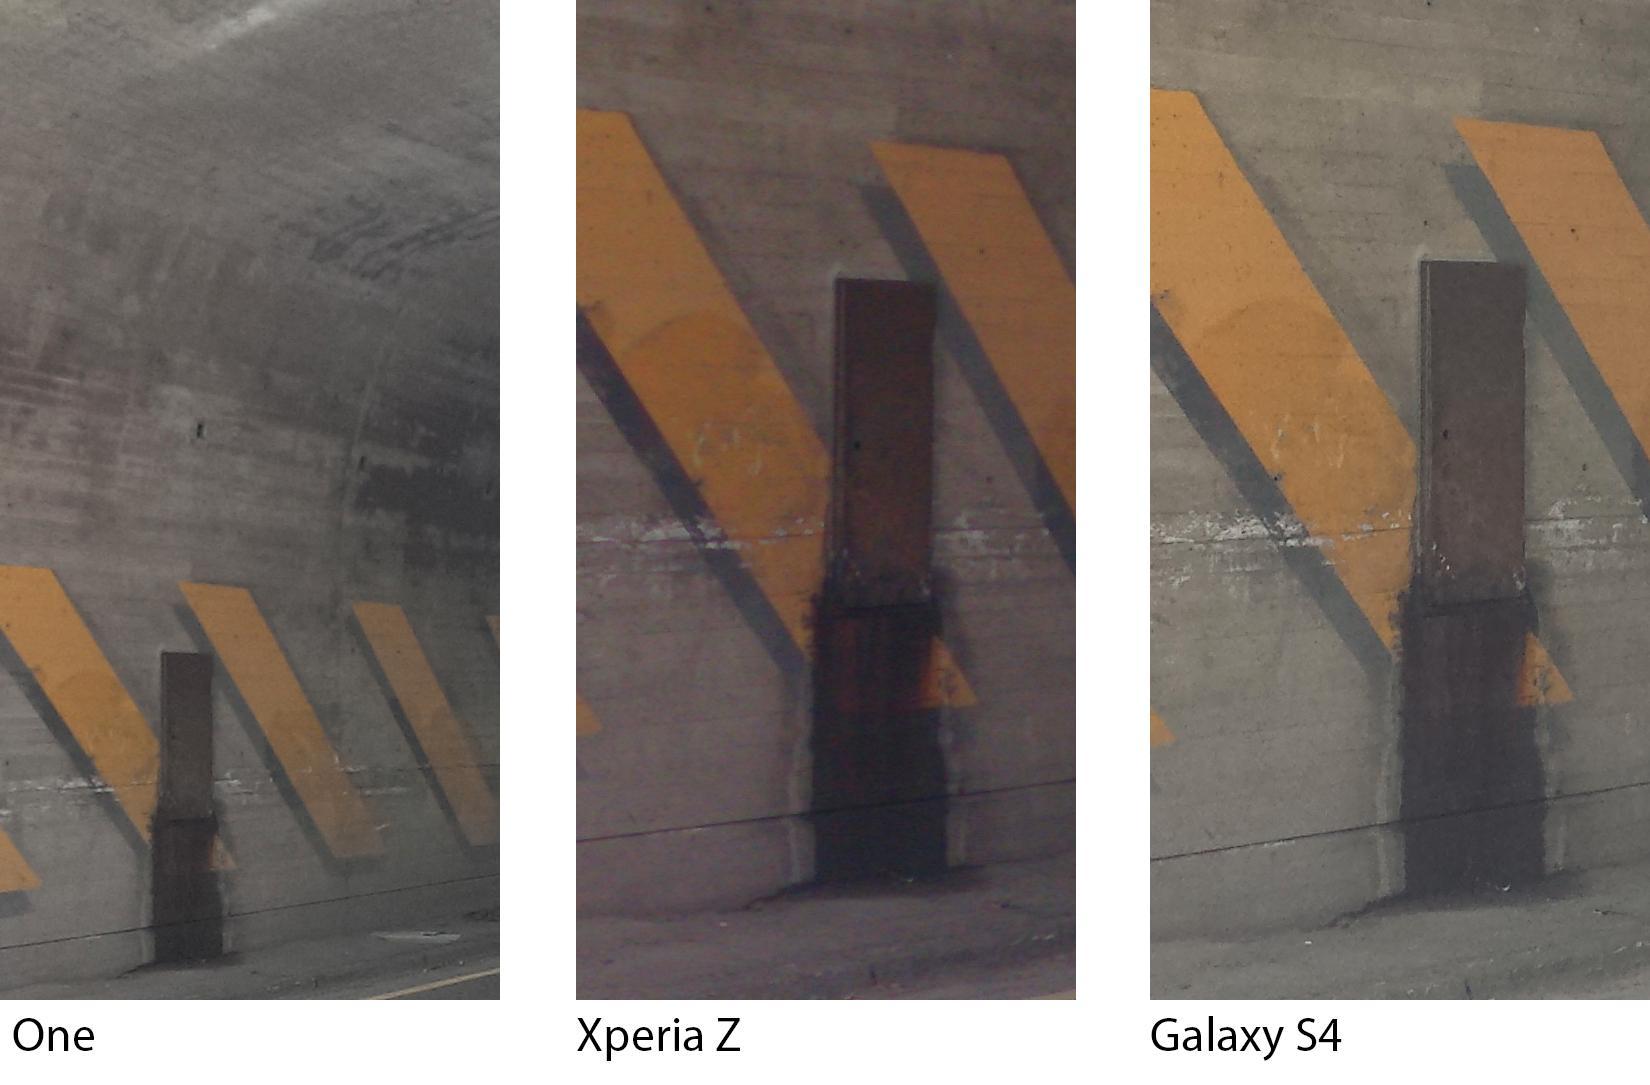 Vi tok med oss telefonene inn i en kort tunnel, med halvgod belysning. Med alle tre telefonene på auto, fikk vi det beste bildet fra Galaxy S4.Foto: Finn Jarle Kvalheim, Amobil.no